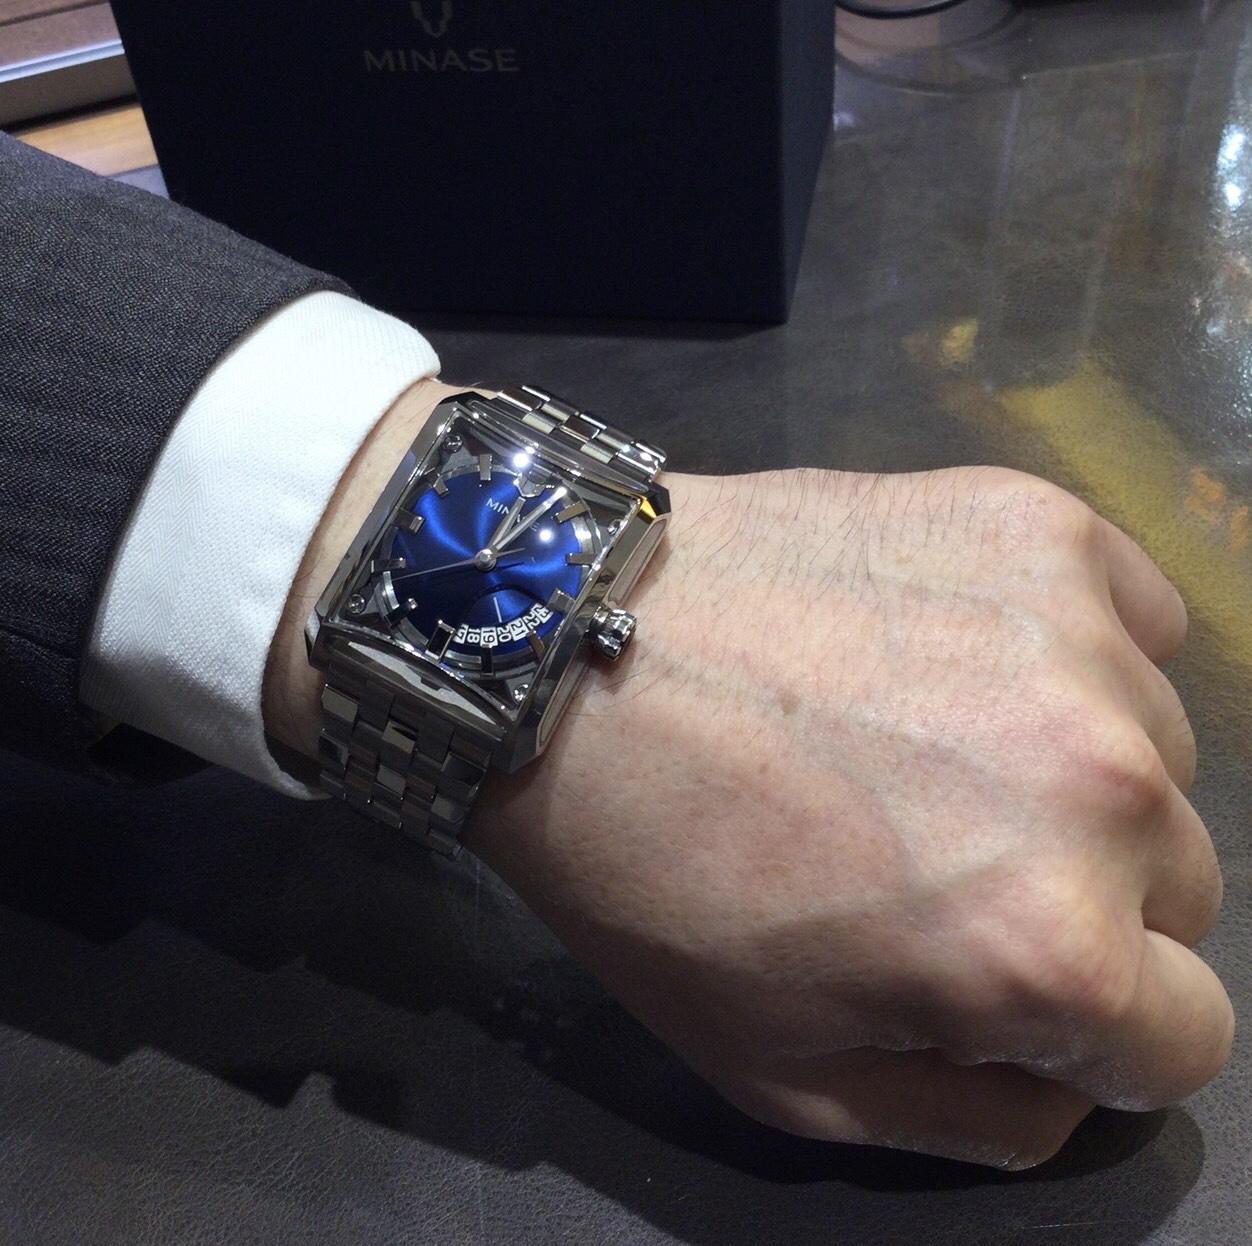 ミナセのお時計をお買い上げ頂きまして、有難うございます!-画像1